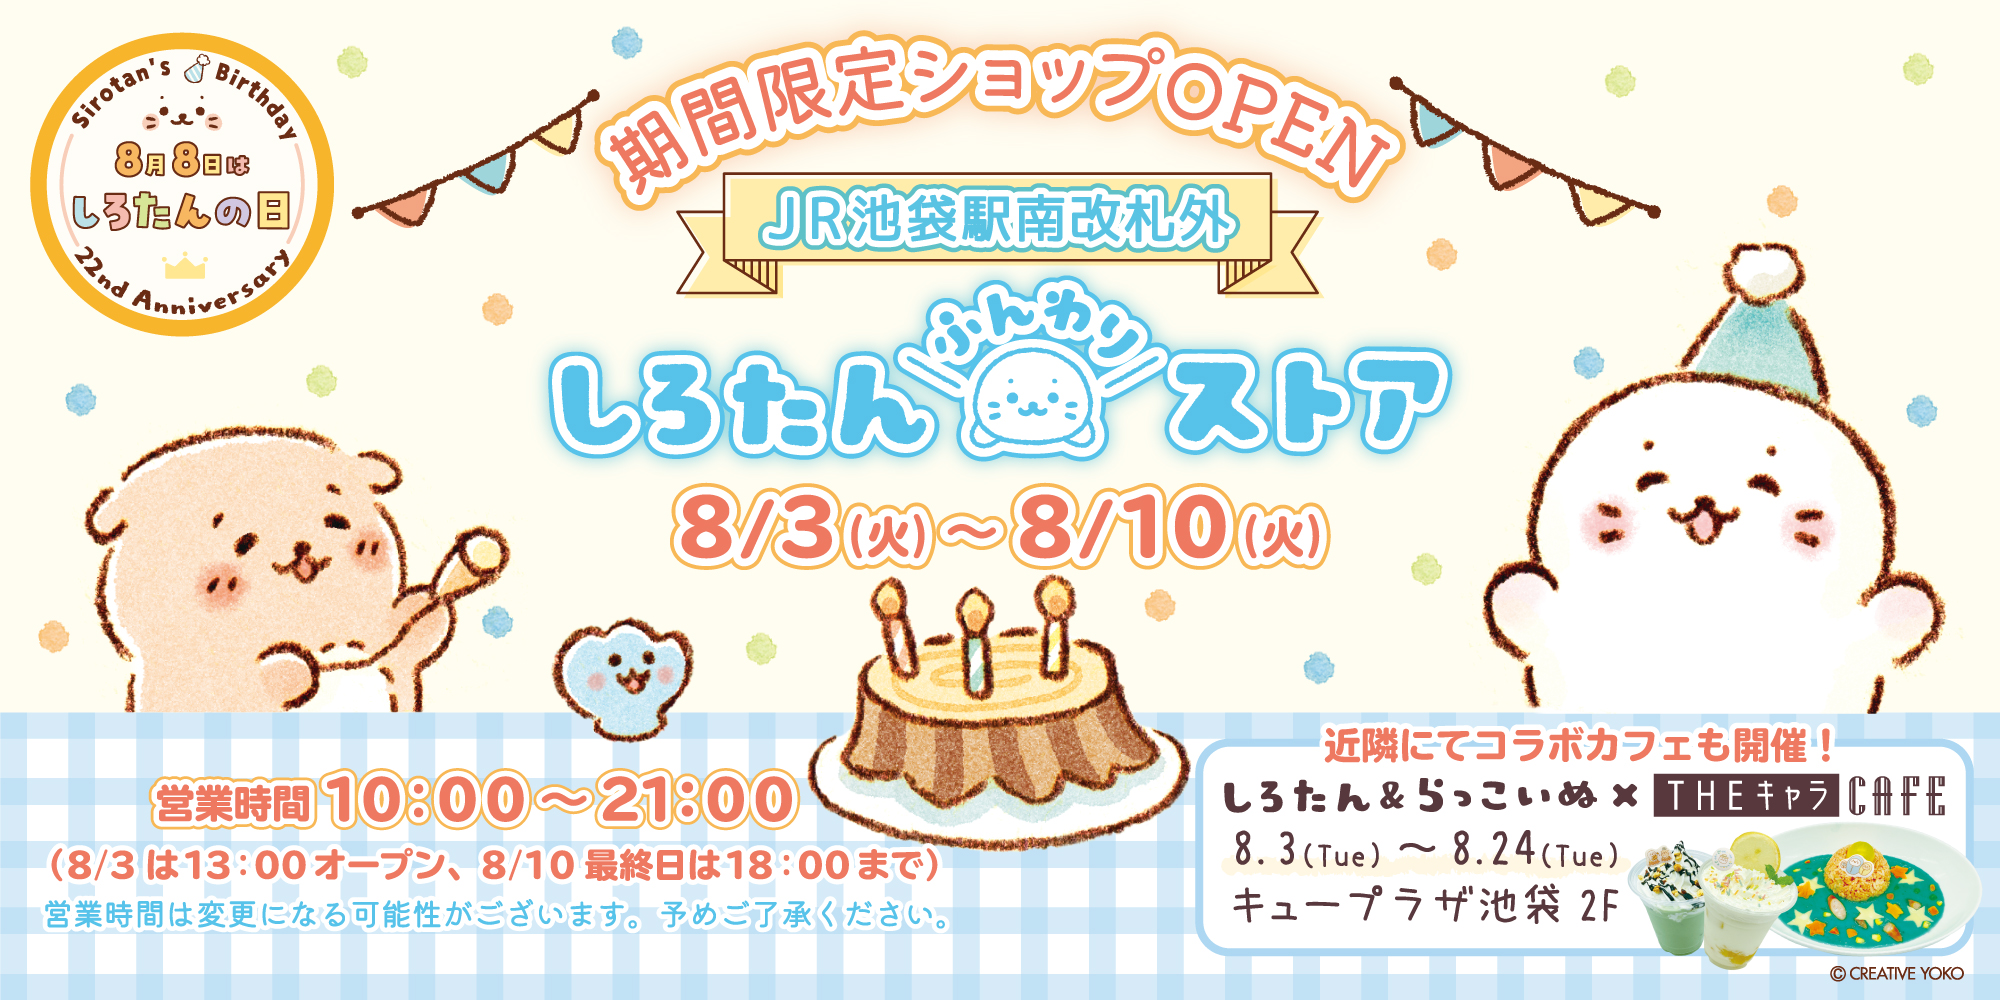 【8/3(火)~8/10(火)】JR池袋駅にしろたんふんわりストアが期間限定オープン!